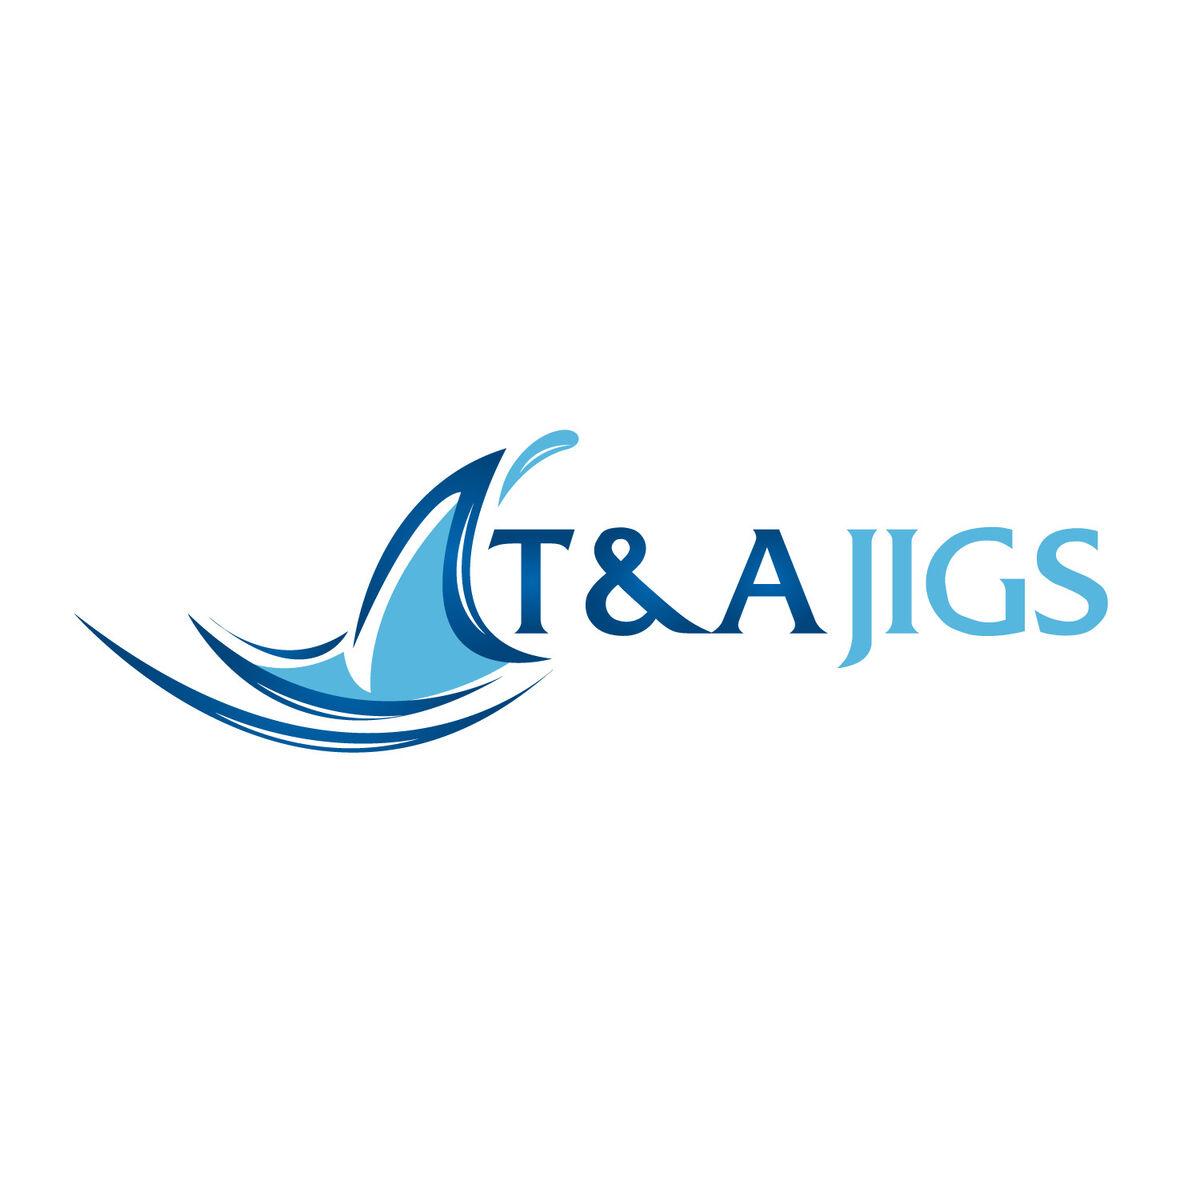 T&A JIGS